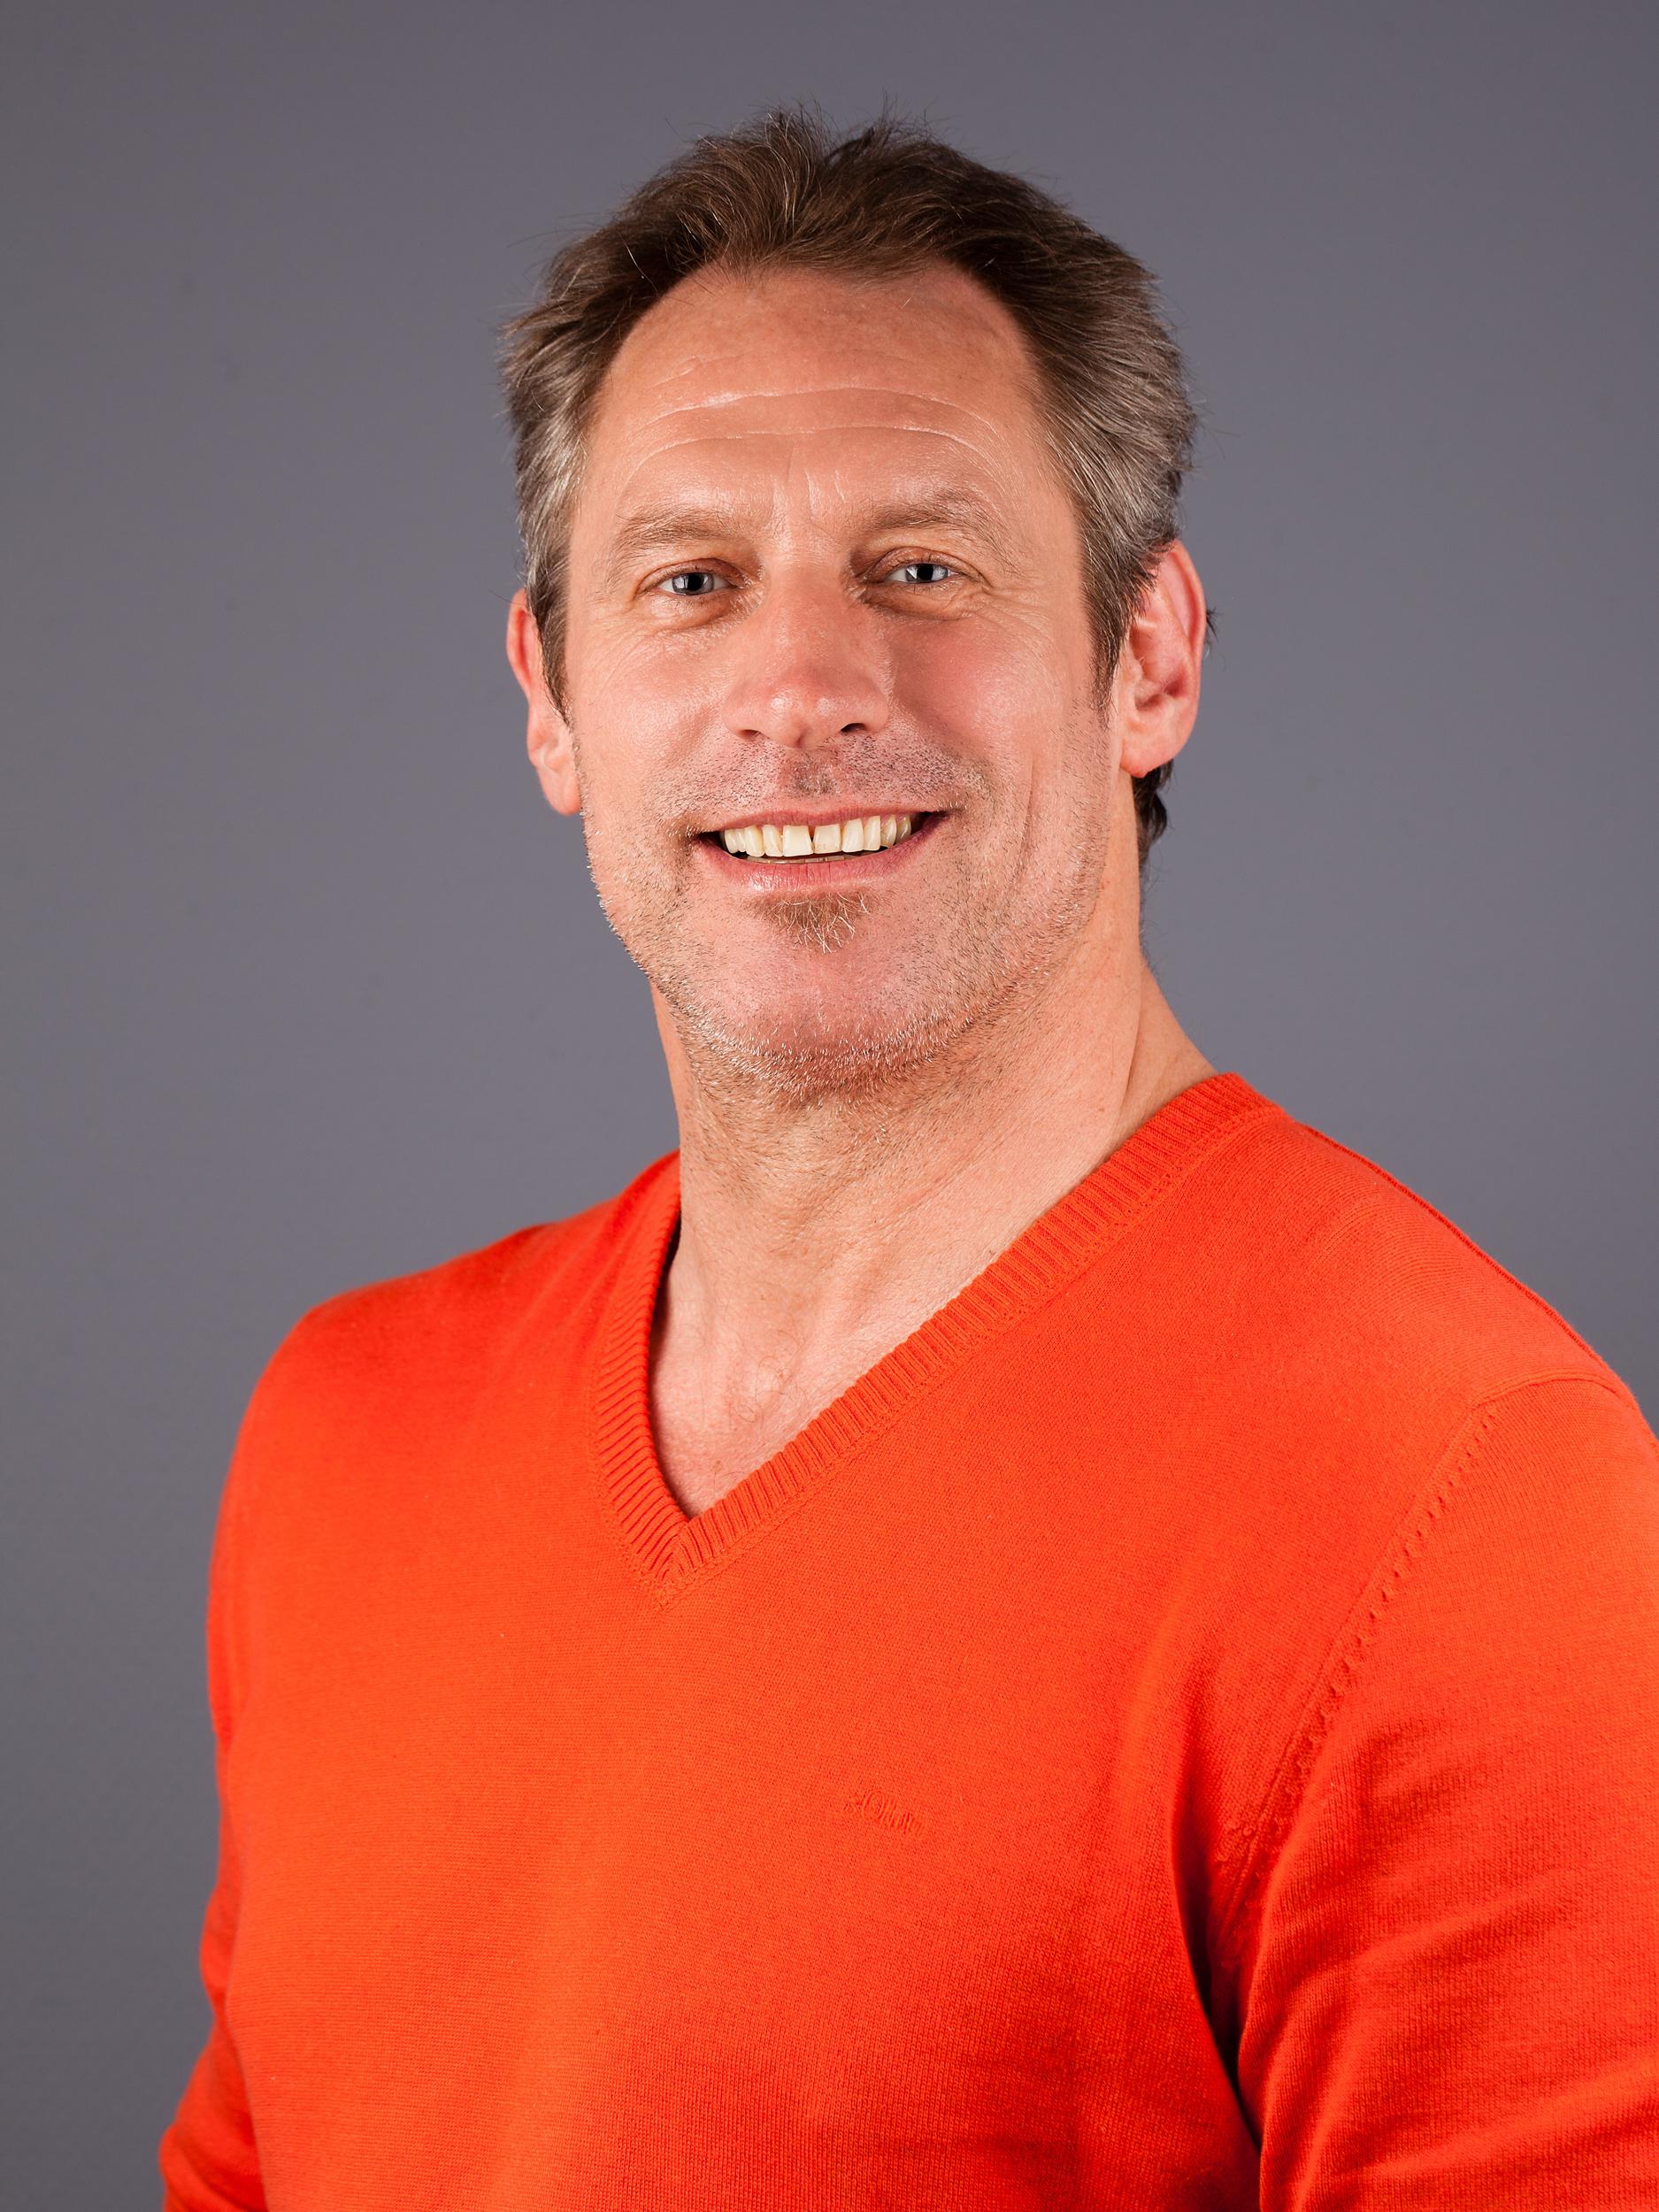 John van Zantvliet